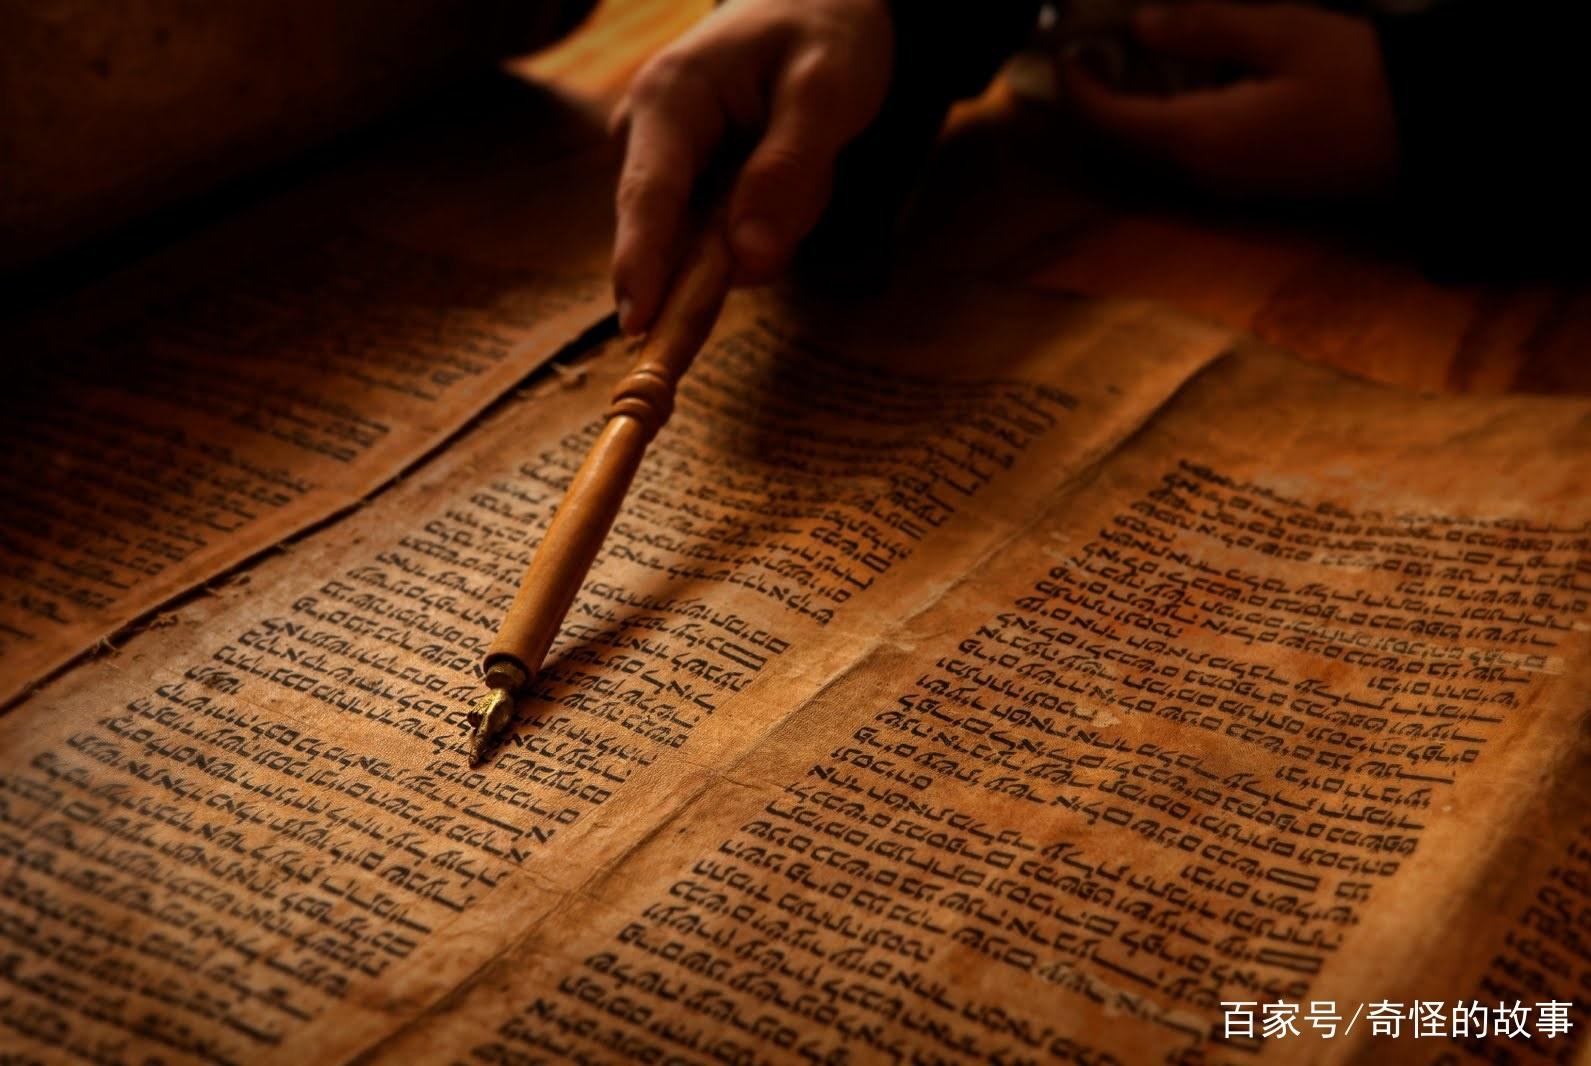 """犹太数学家发现圣经里有""""密码""""能预言未来 真有这么神奇吗?"""